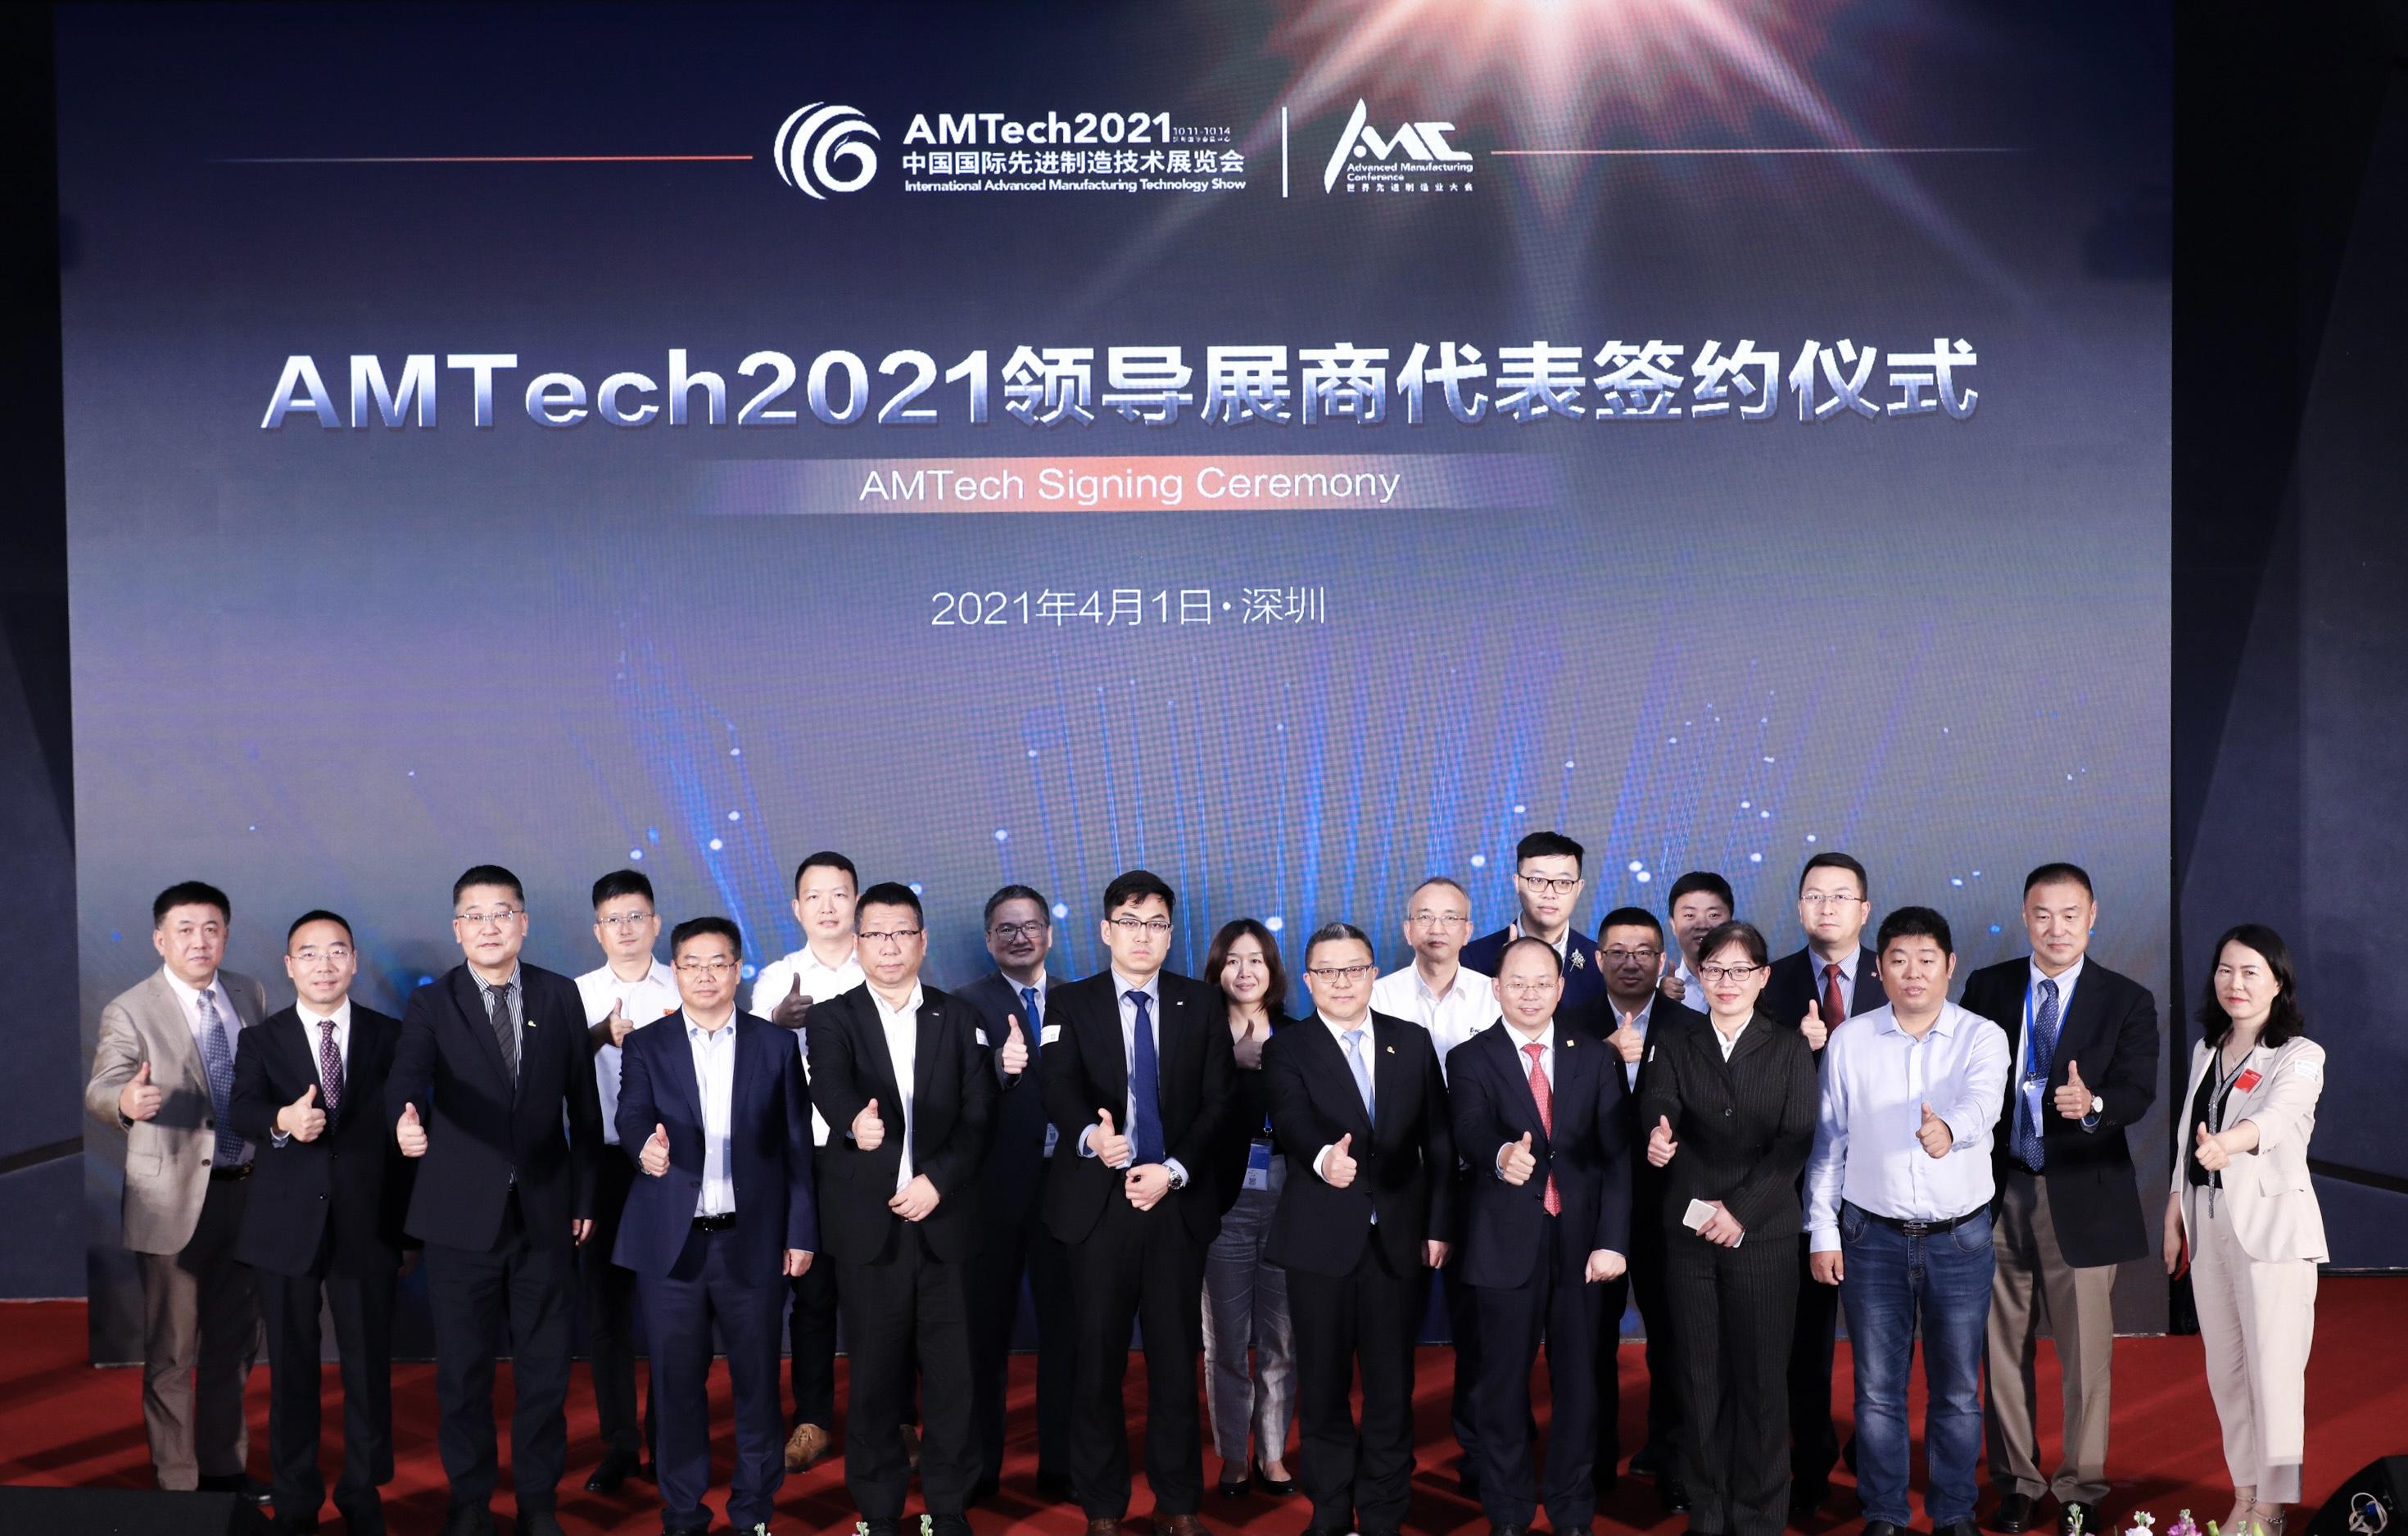 凝心聚力踏新程 AMTech2021領導展商成功簽約